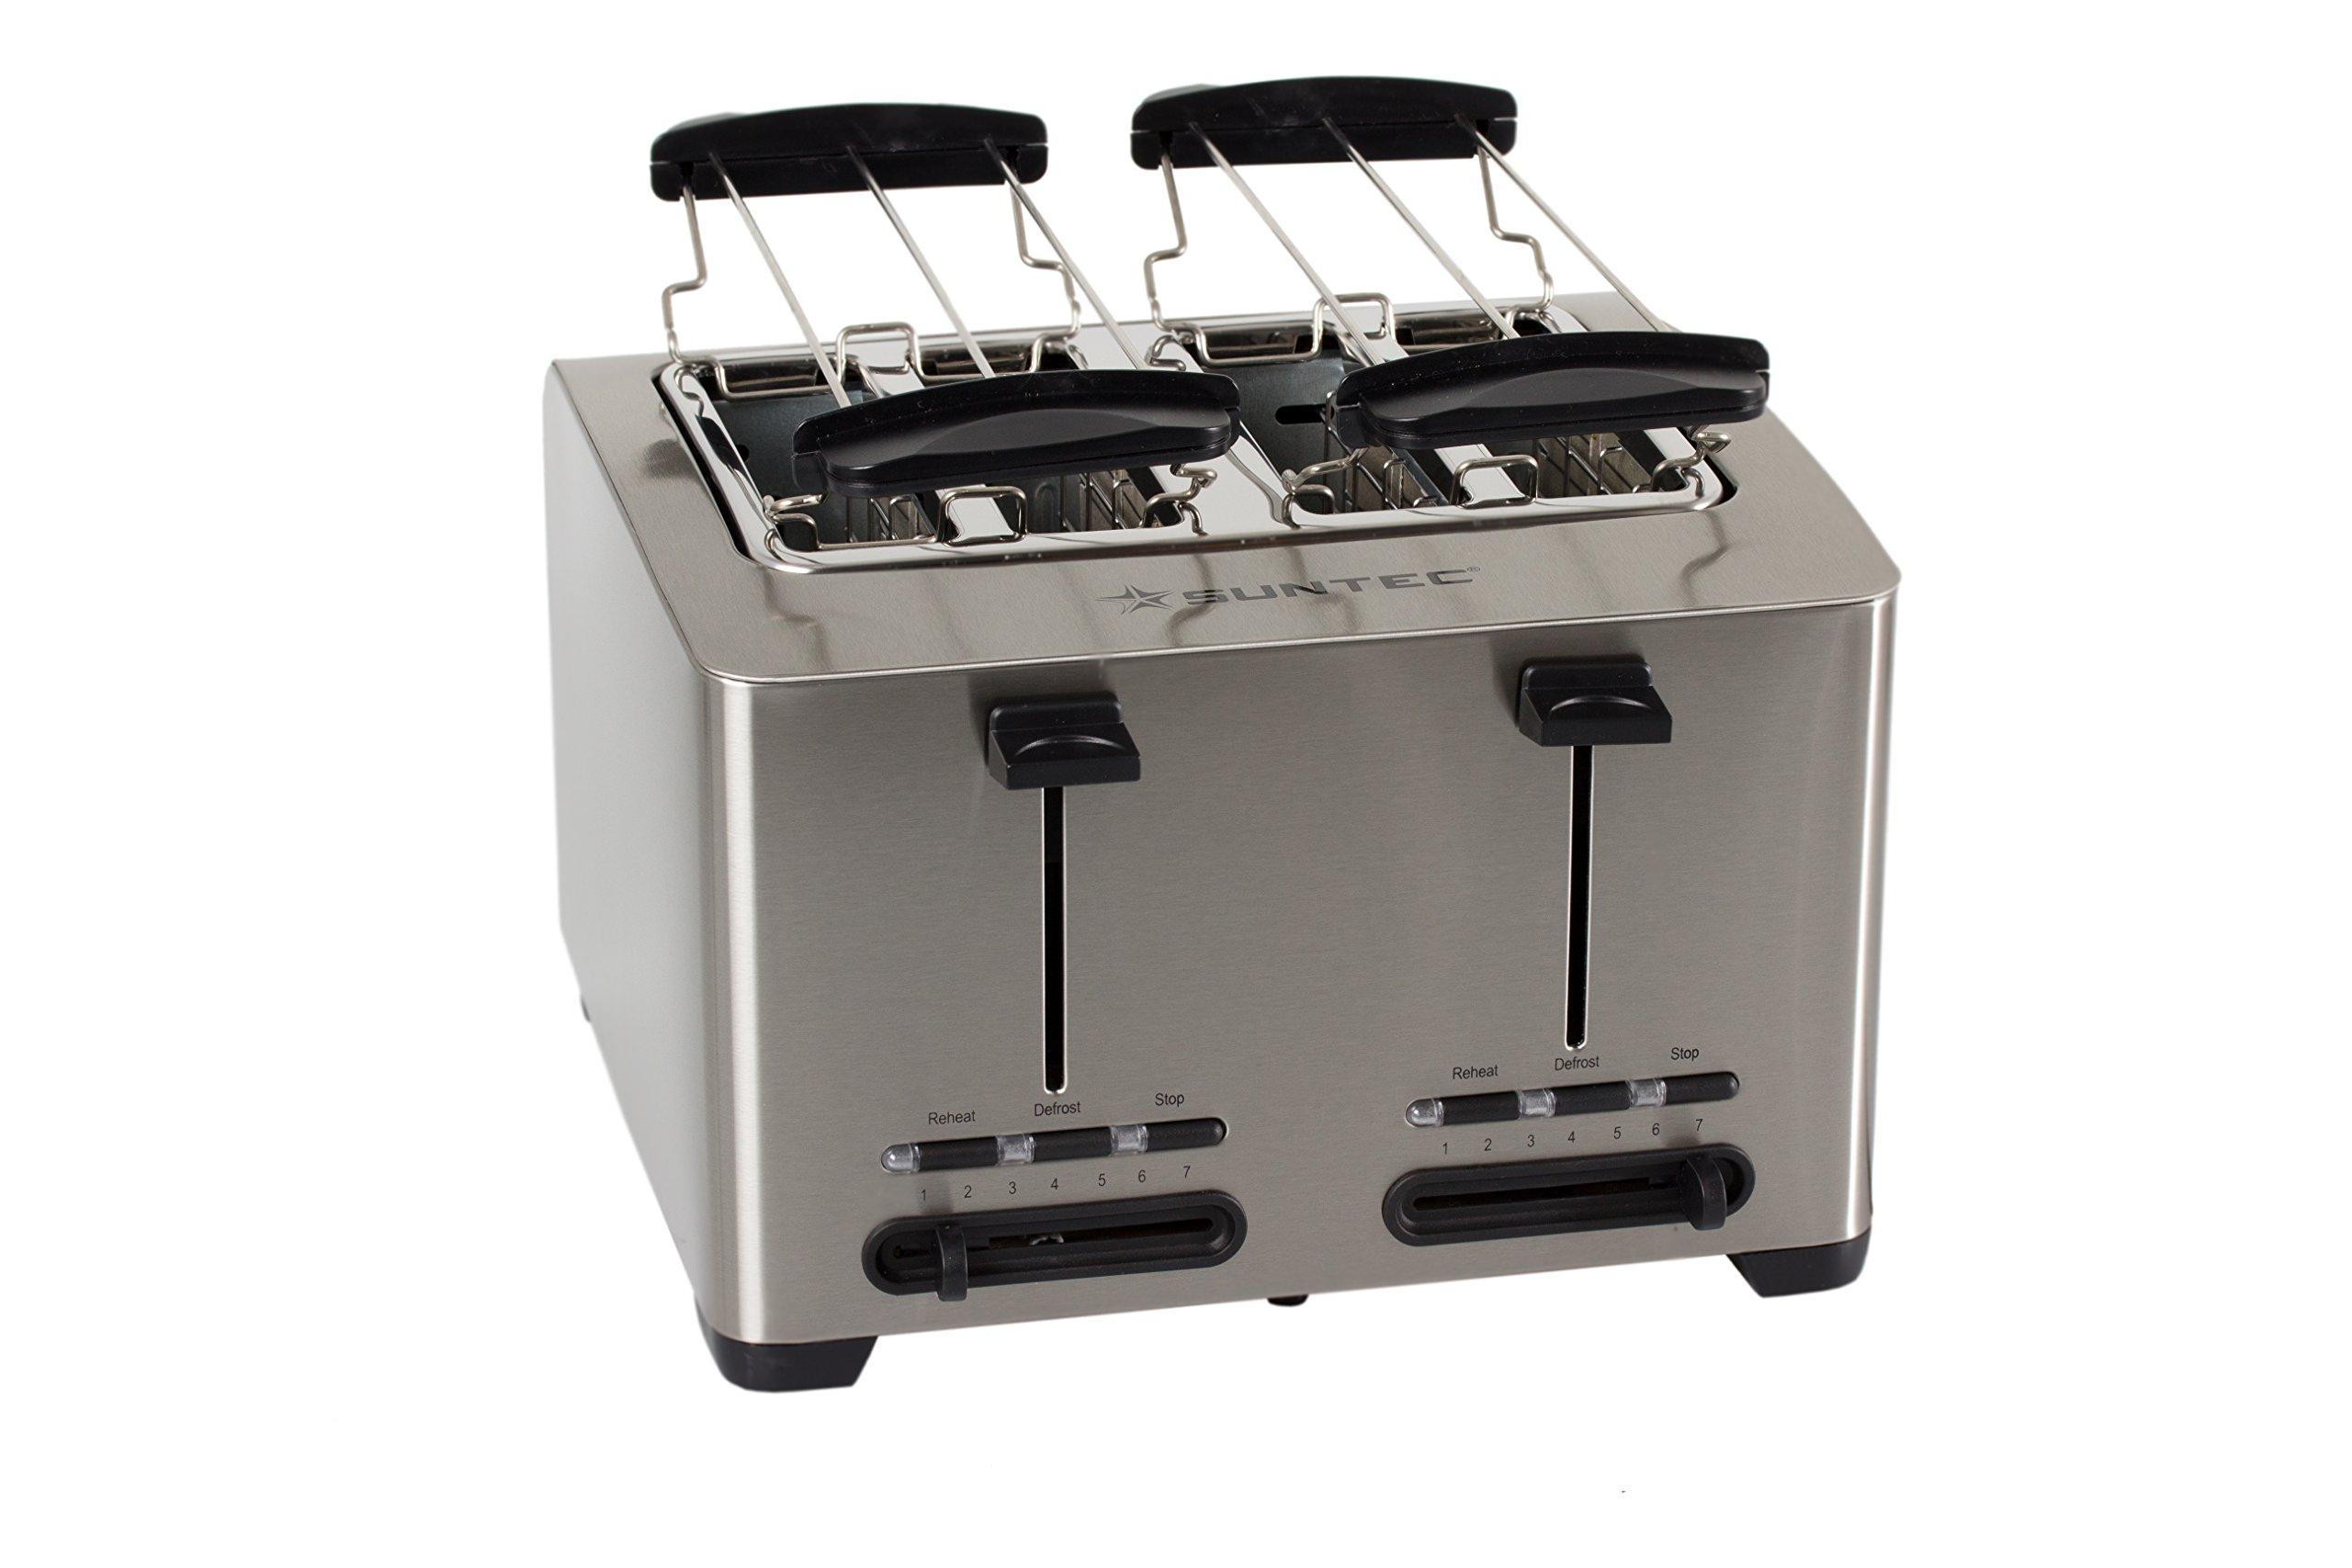 SUNTEC-Toaster-TOA-8083-V2A-4-Schlitz-Toaster-2x-Brtchenaufsatz-variabler-Rstgrad-Krmelschublade-max-1500-Watt